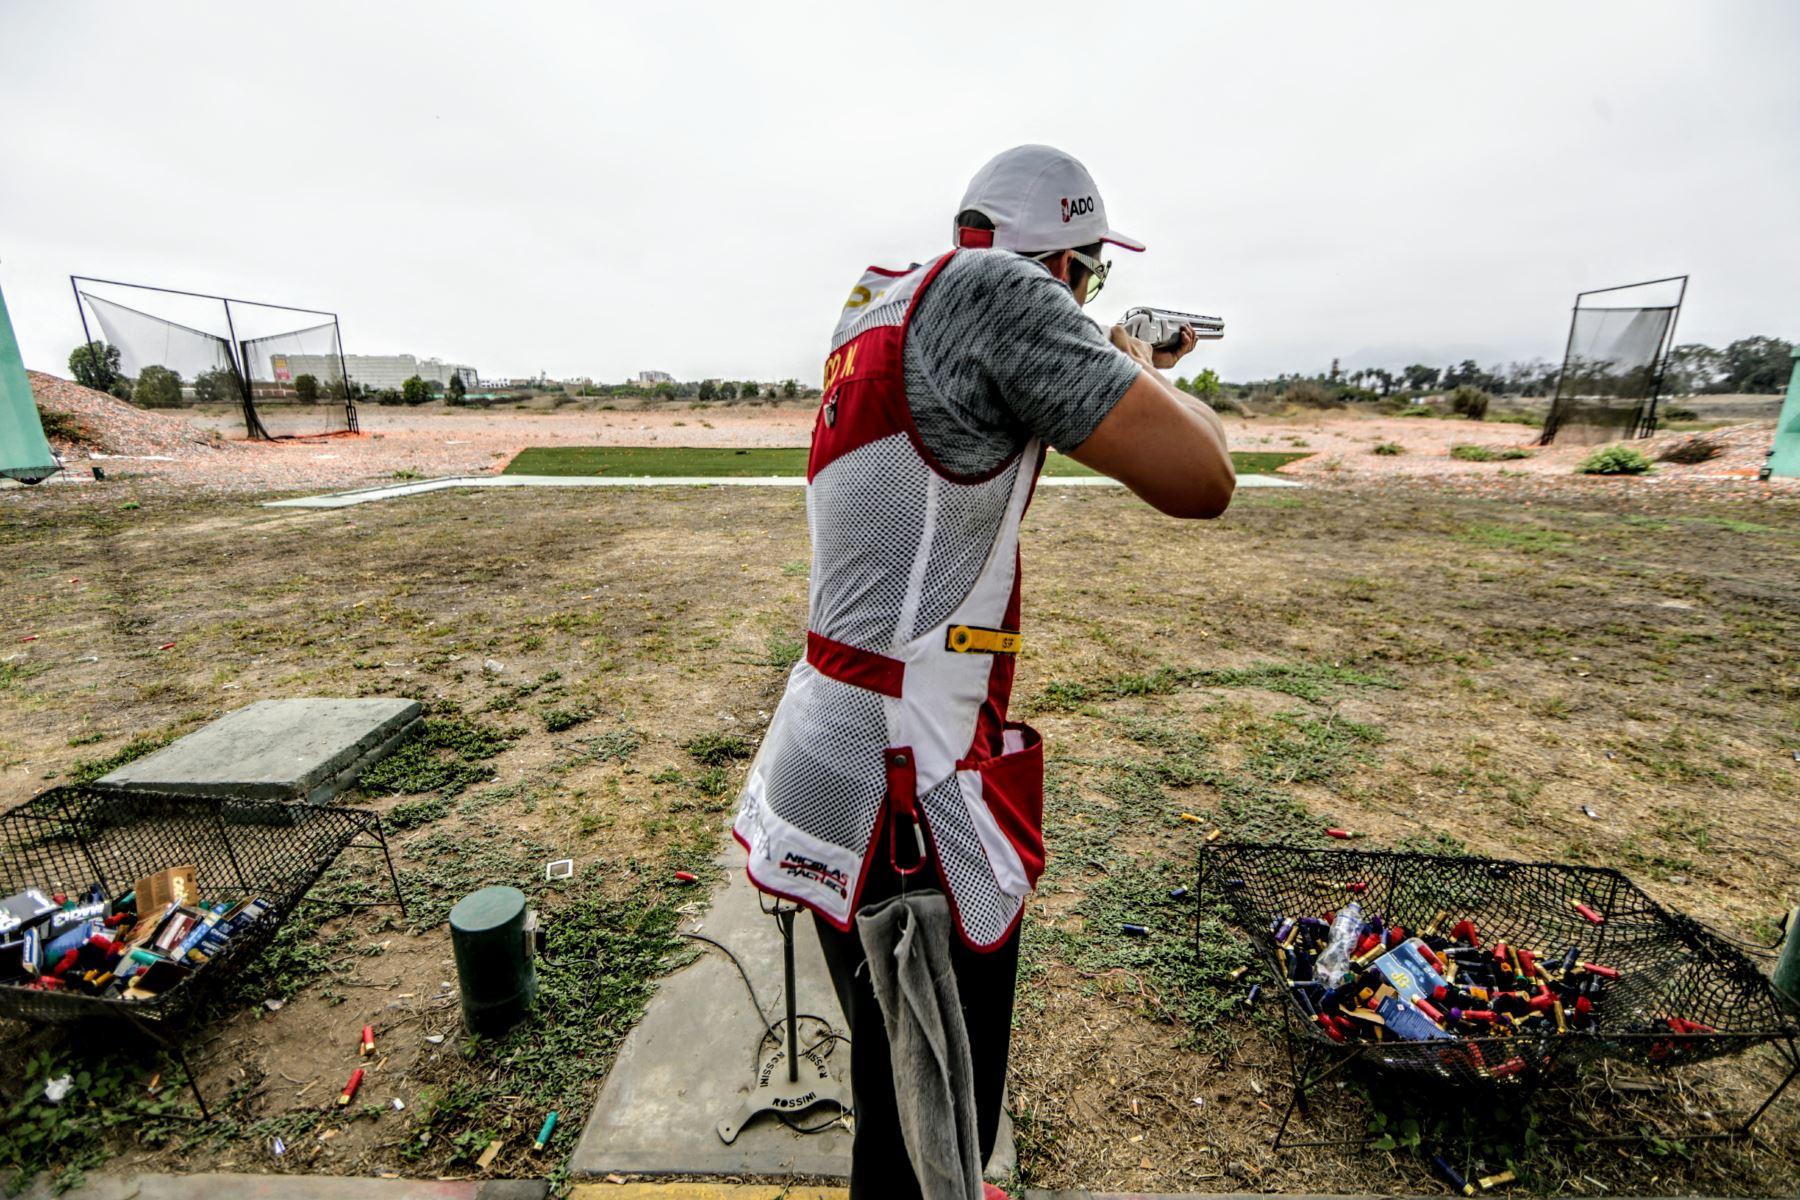 Nicolás Pacheco tiene 24 años. Dispara desde los seis. Ha asistido a una Olimpiada y tiene amplias posibilidades de asistir a las de Tokio 2020. Foto: ANDINA/Luis Iparraguirre